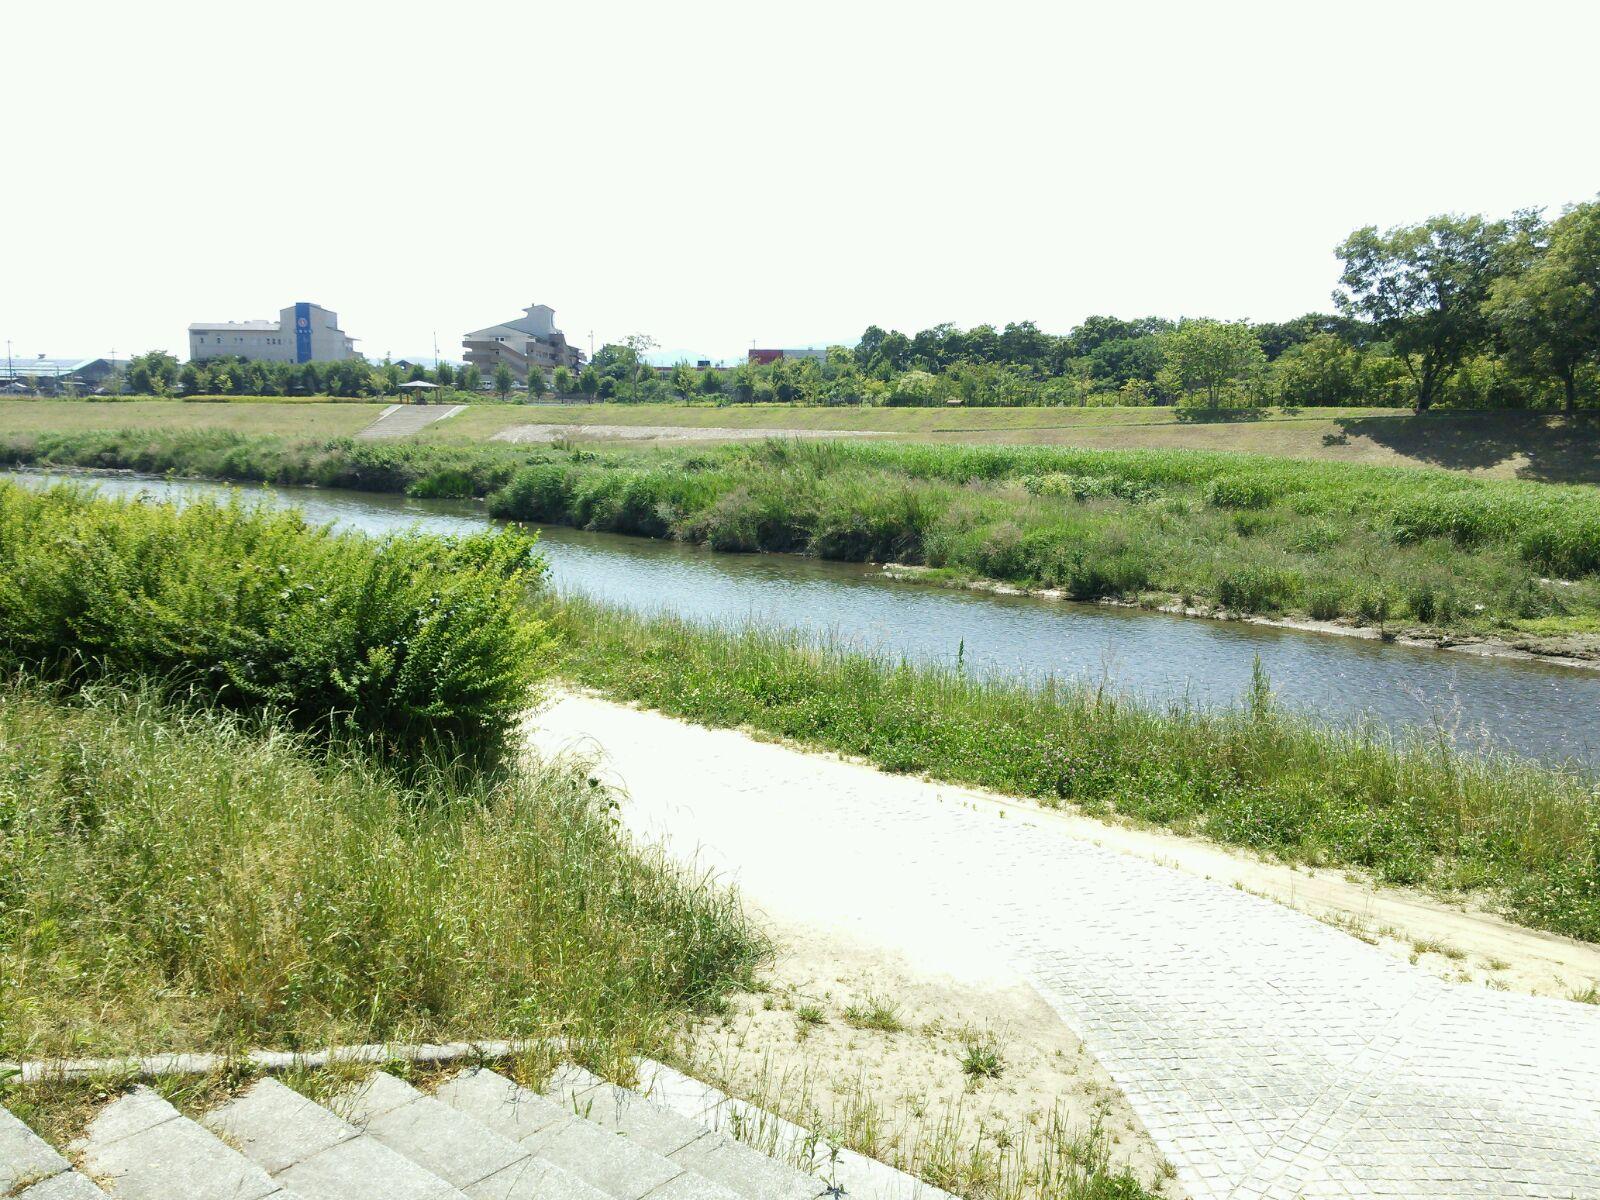 物件西側河川敷